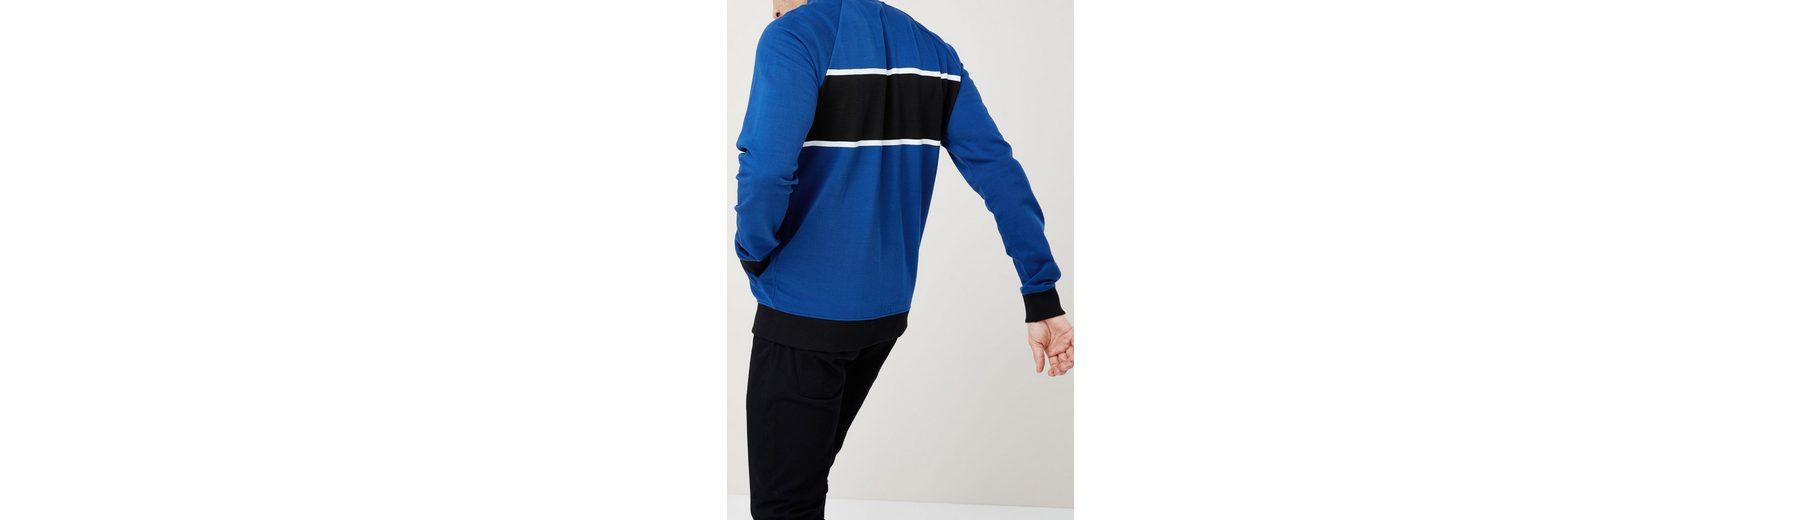 Next Pullover mit Bruststreifen und Trichterkragen Billig Verkauf Offizielle Seite Freies Verschiffen Gutes Verkauf Freies Verschiffen Niedrig Kosten bcng89Cw